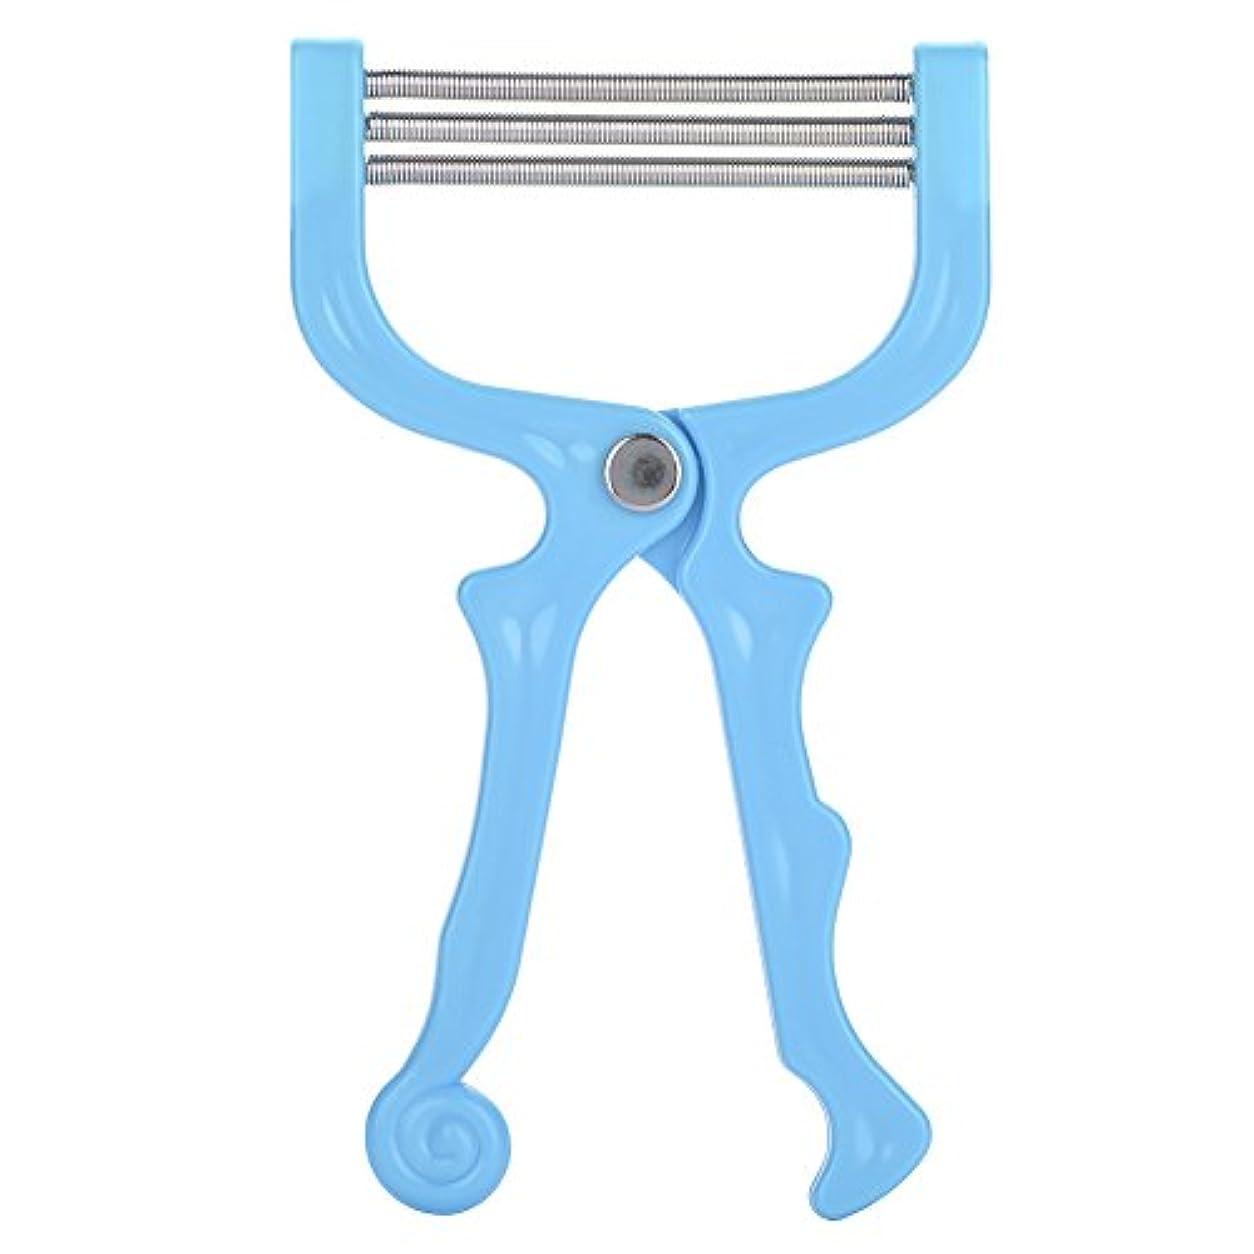 トーン六インチSoarUp 除毛 脱毛装置 ポータブル脱毛 痛くない除毛ケア 顔用 口 持ち運び安い(ブルー)